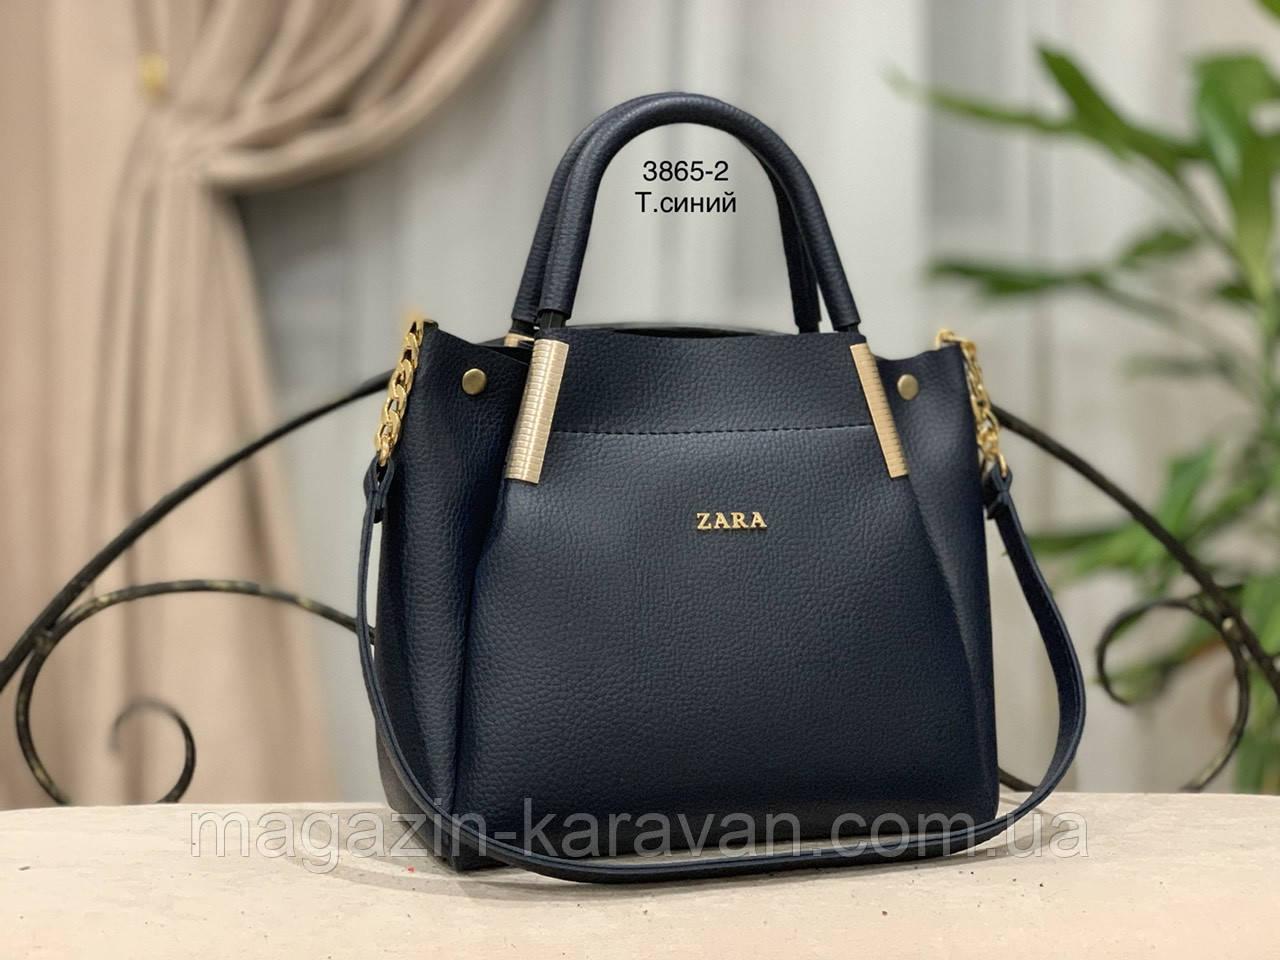 Классическая женская сумка 3865-2